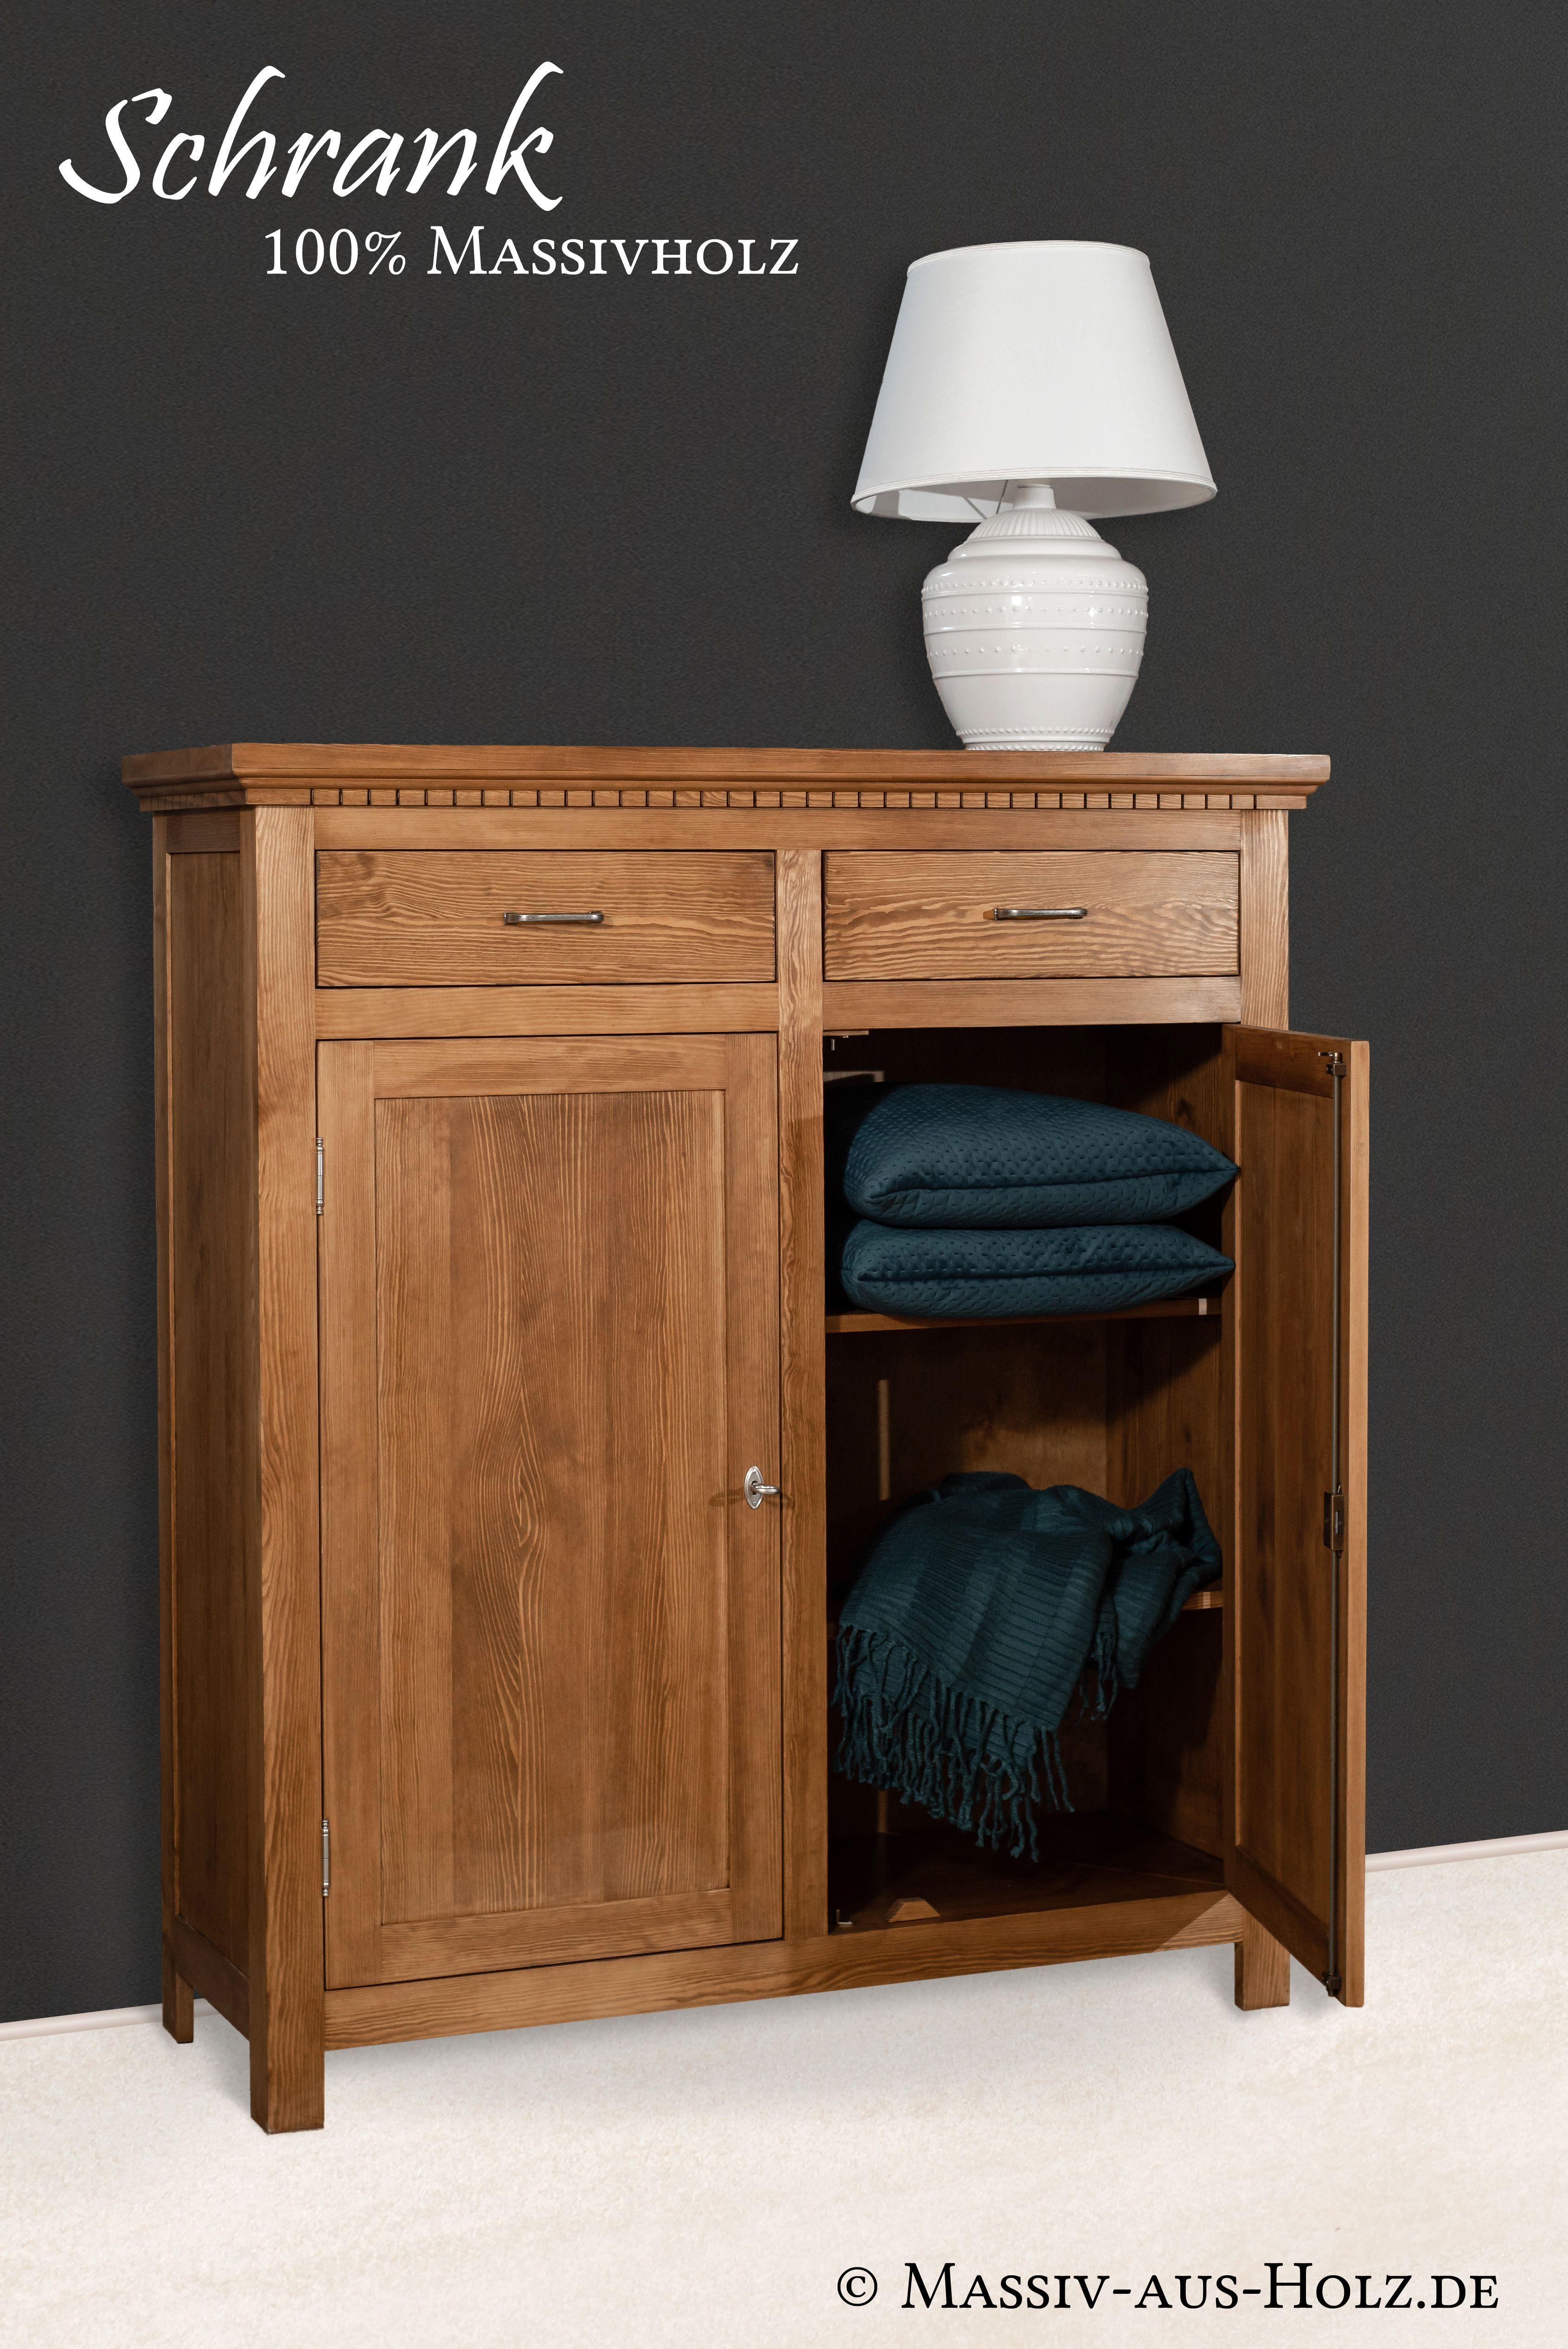 Schrank 100 Massivholz Qualitat 2020 In 2020 Furniture Inspi